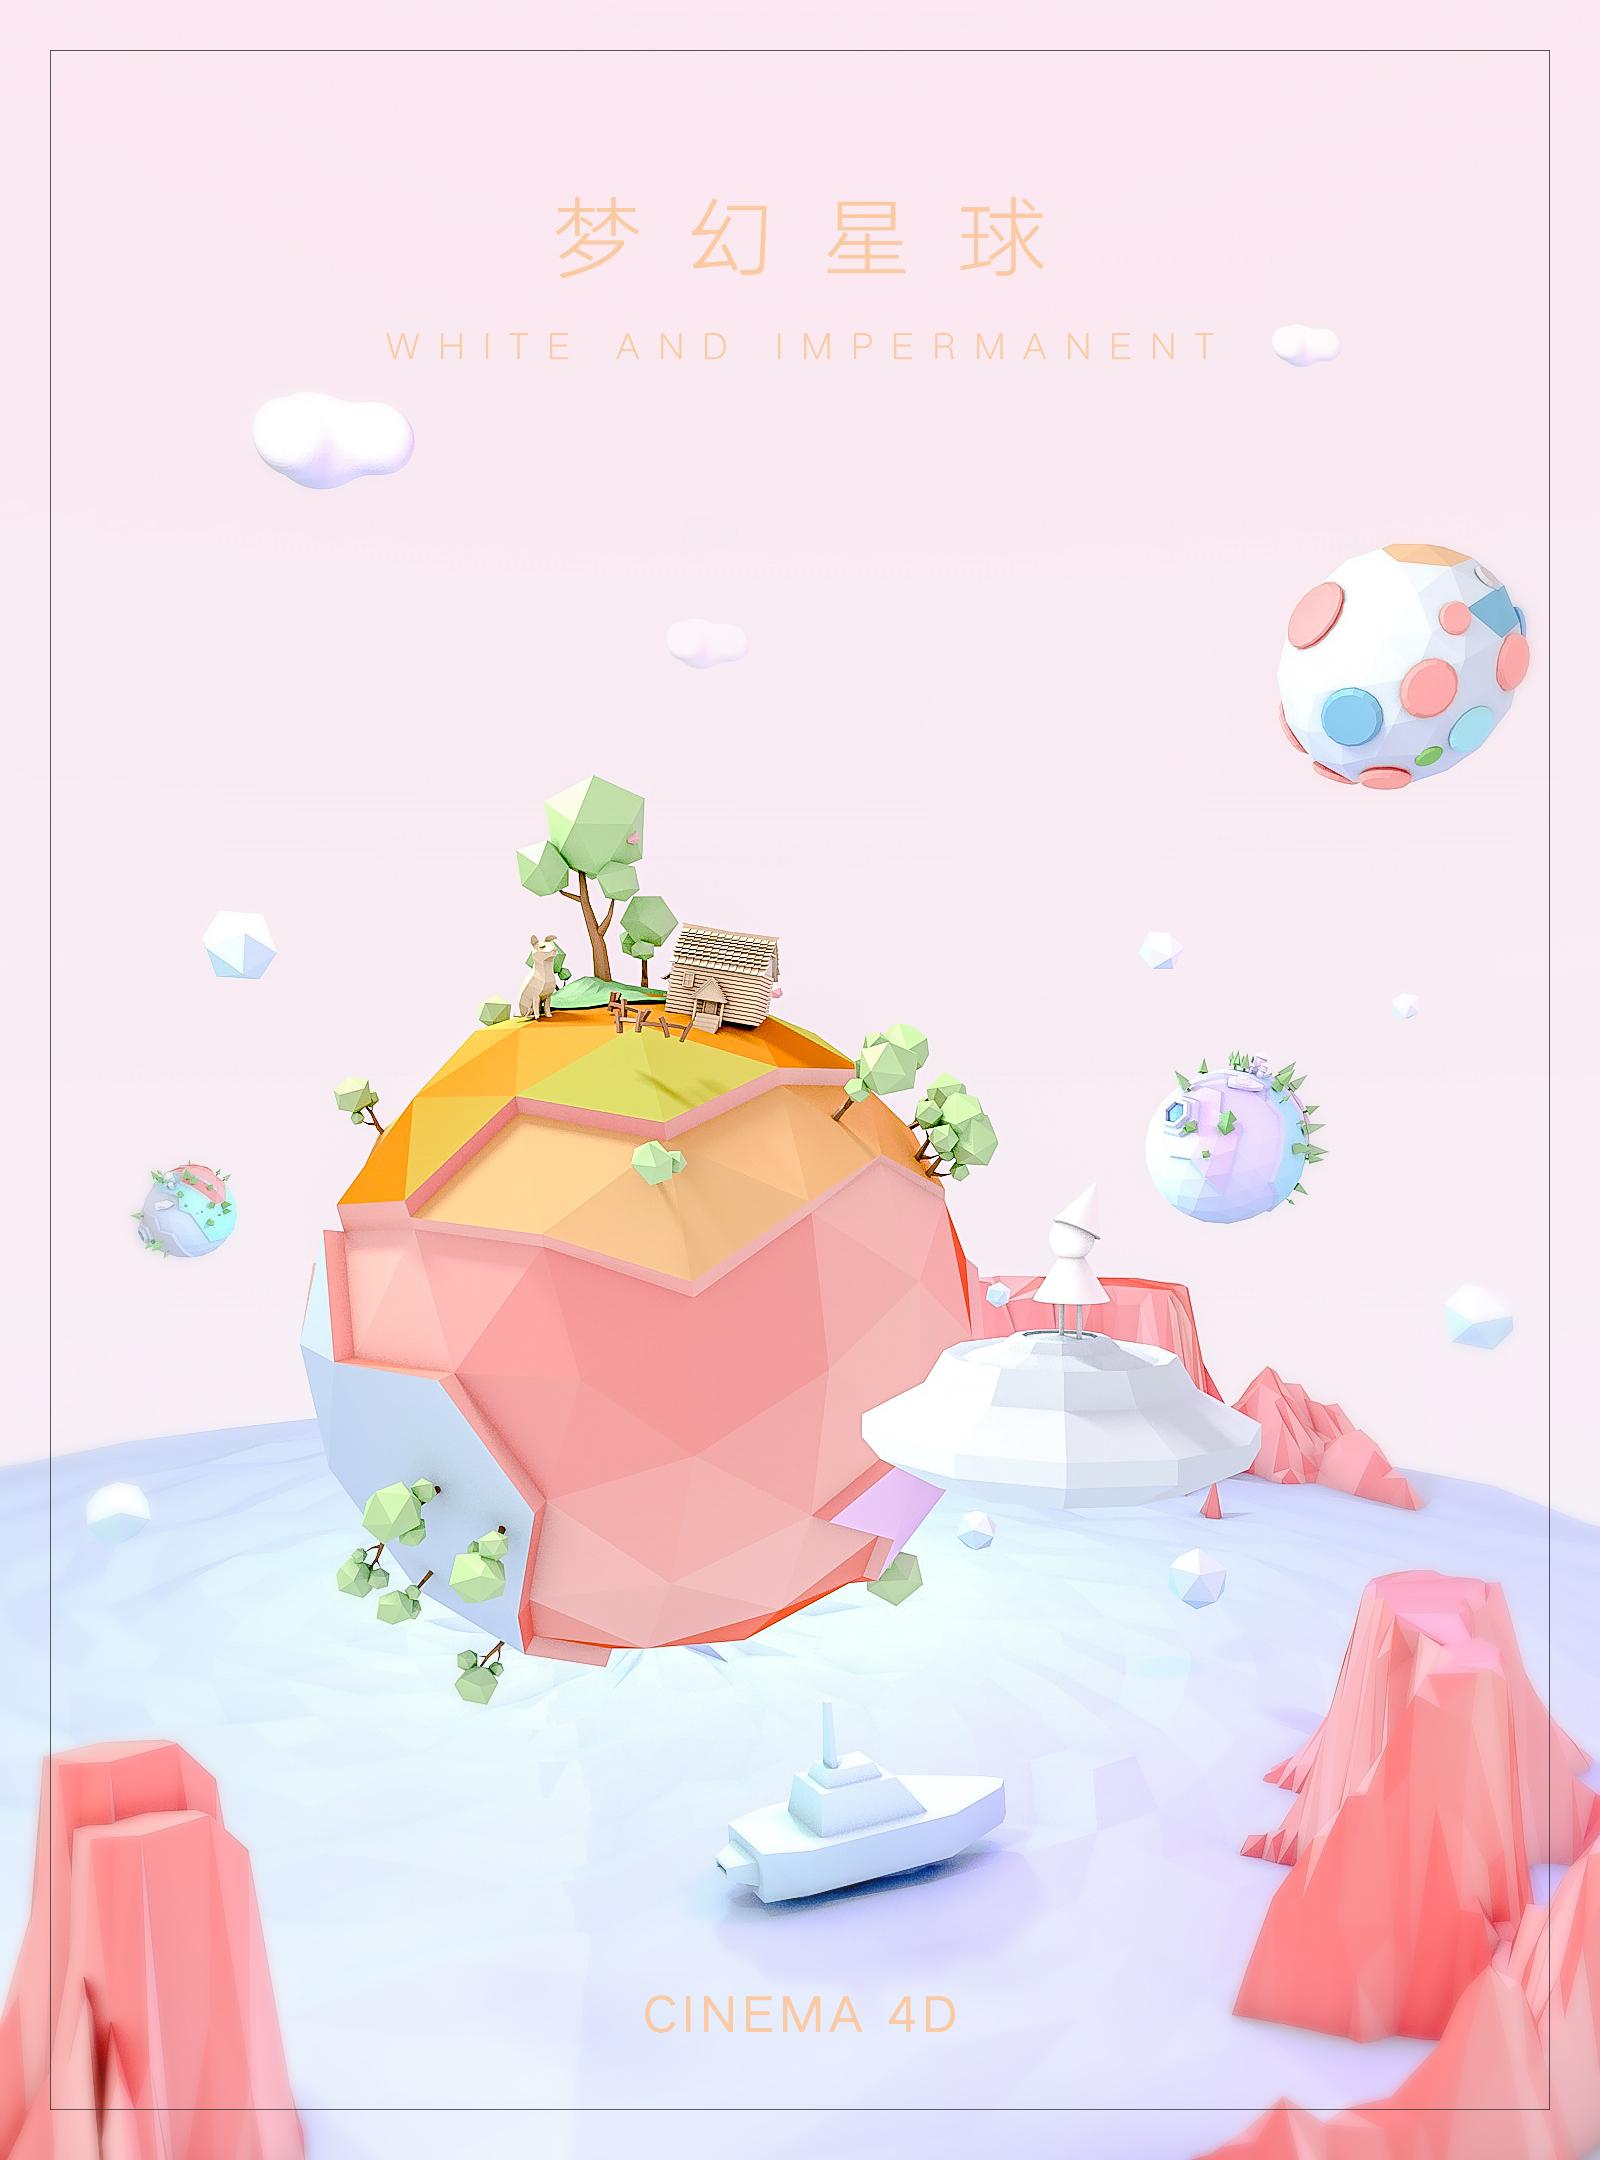 c4d · 小清新海报图片